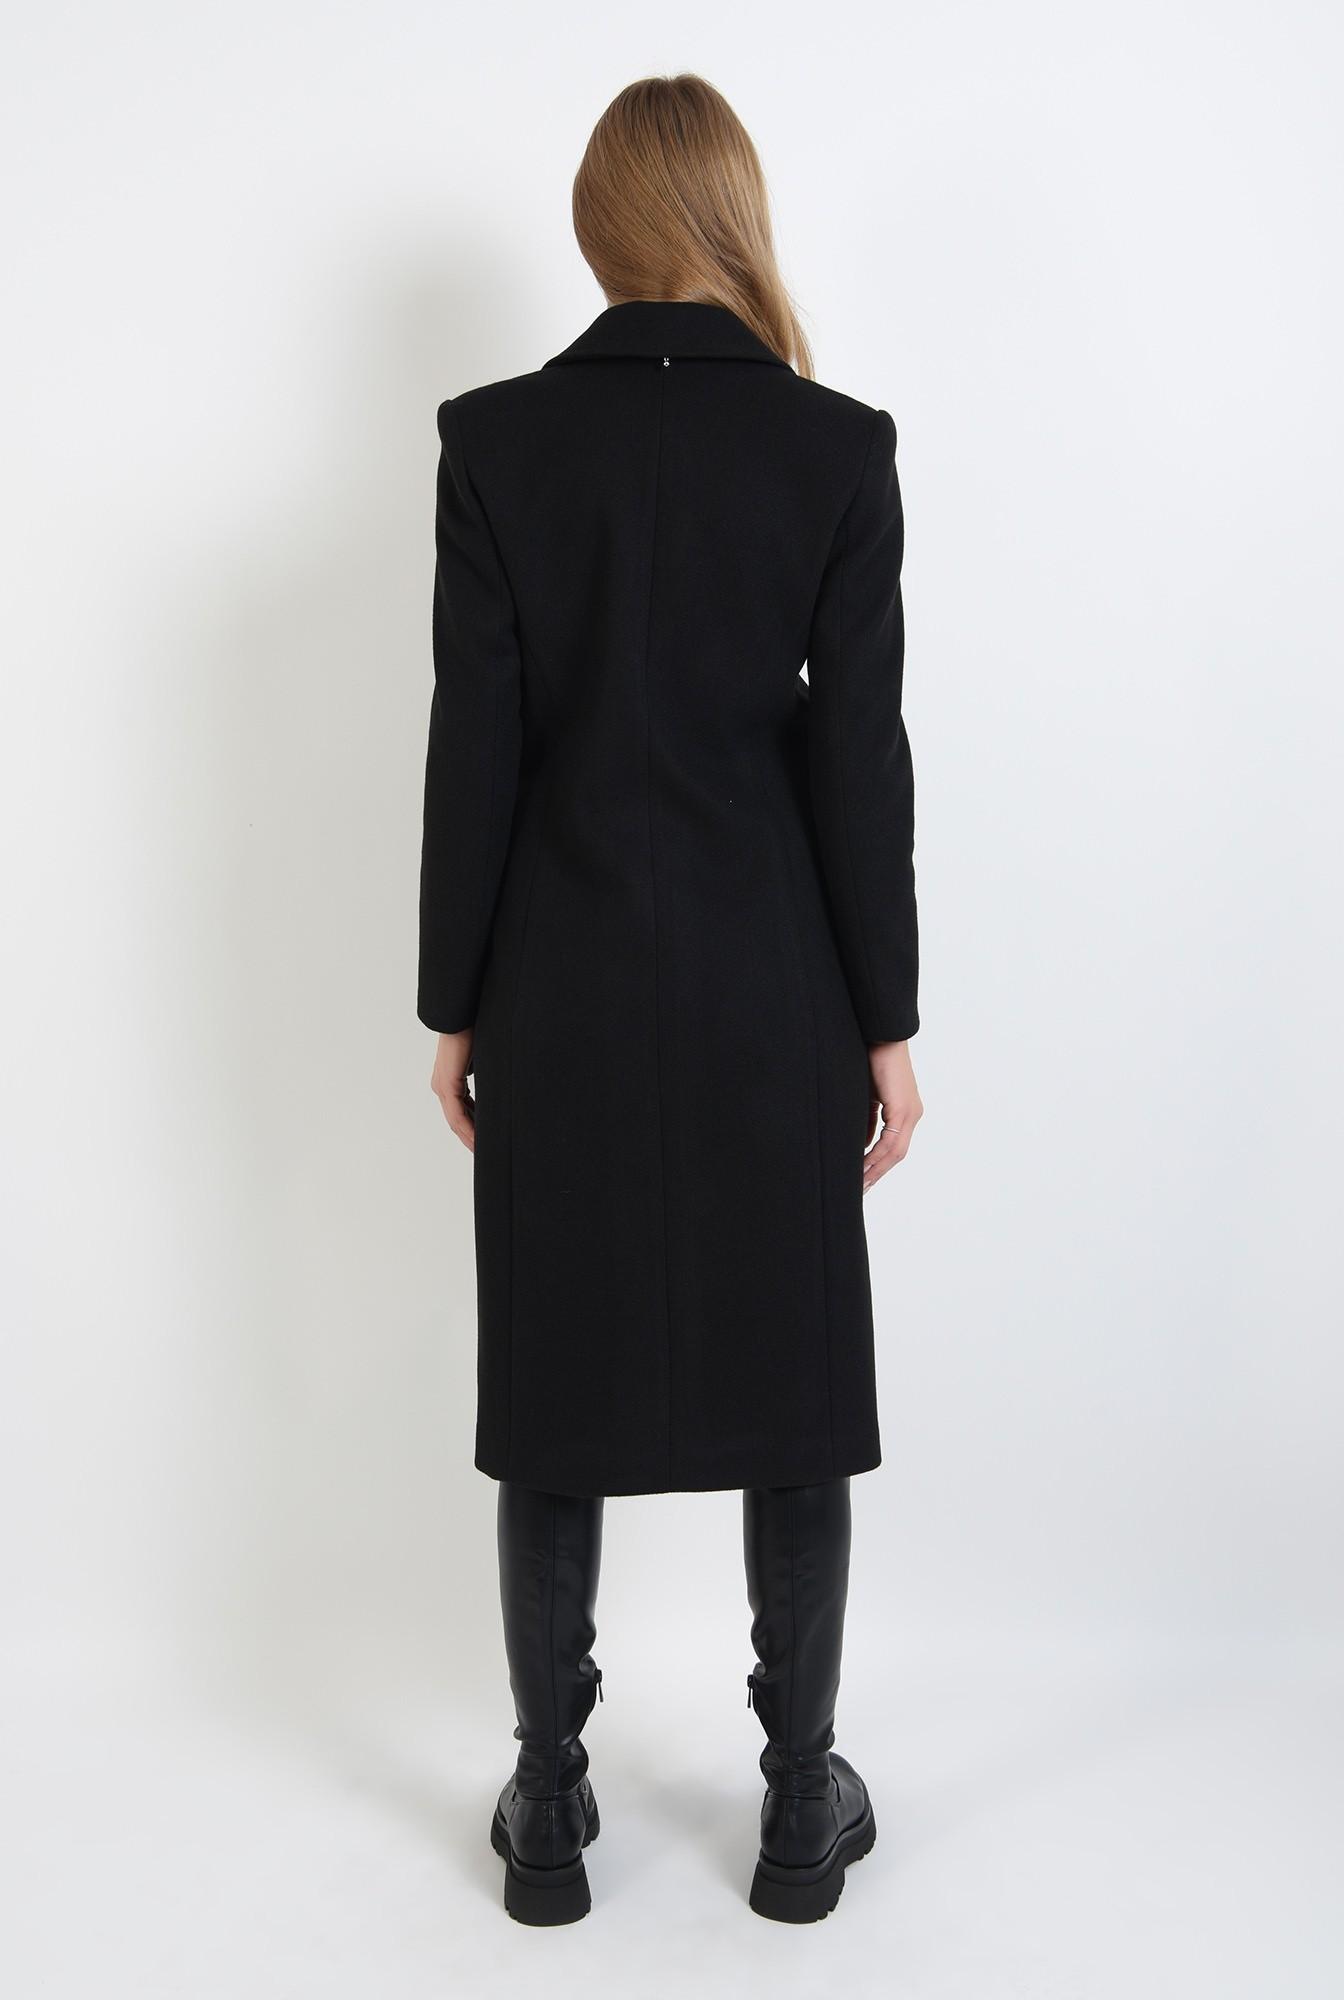 1 - palton negru, midi, cu revere